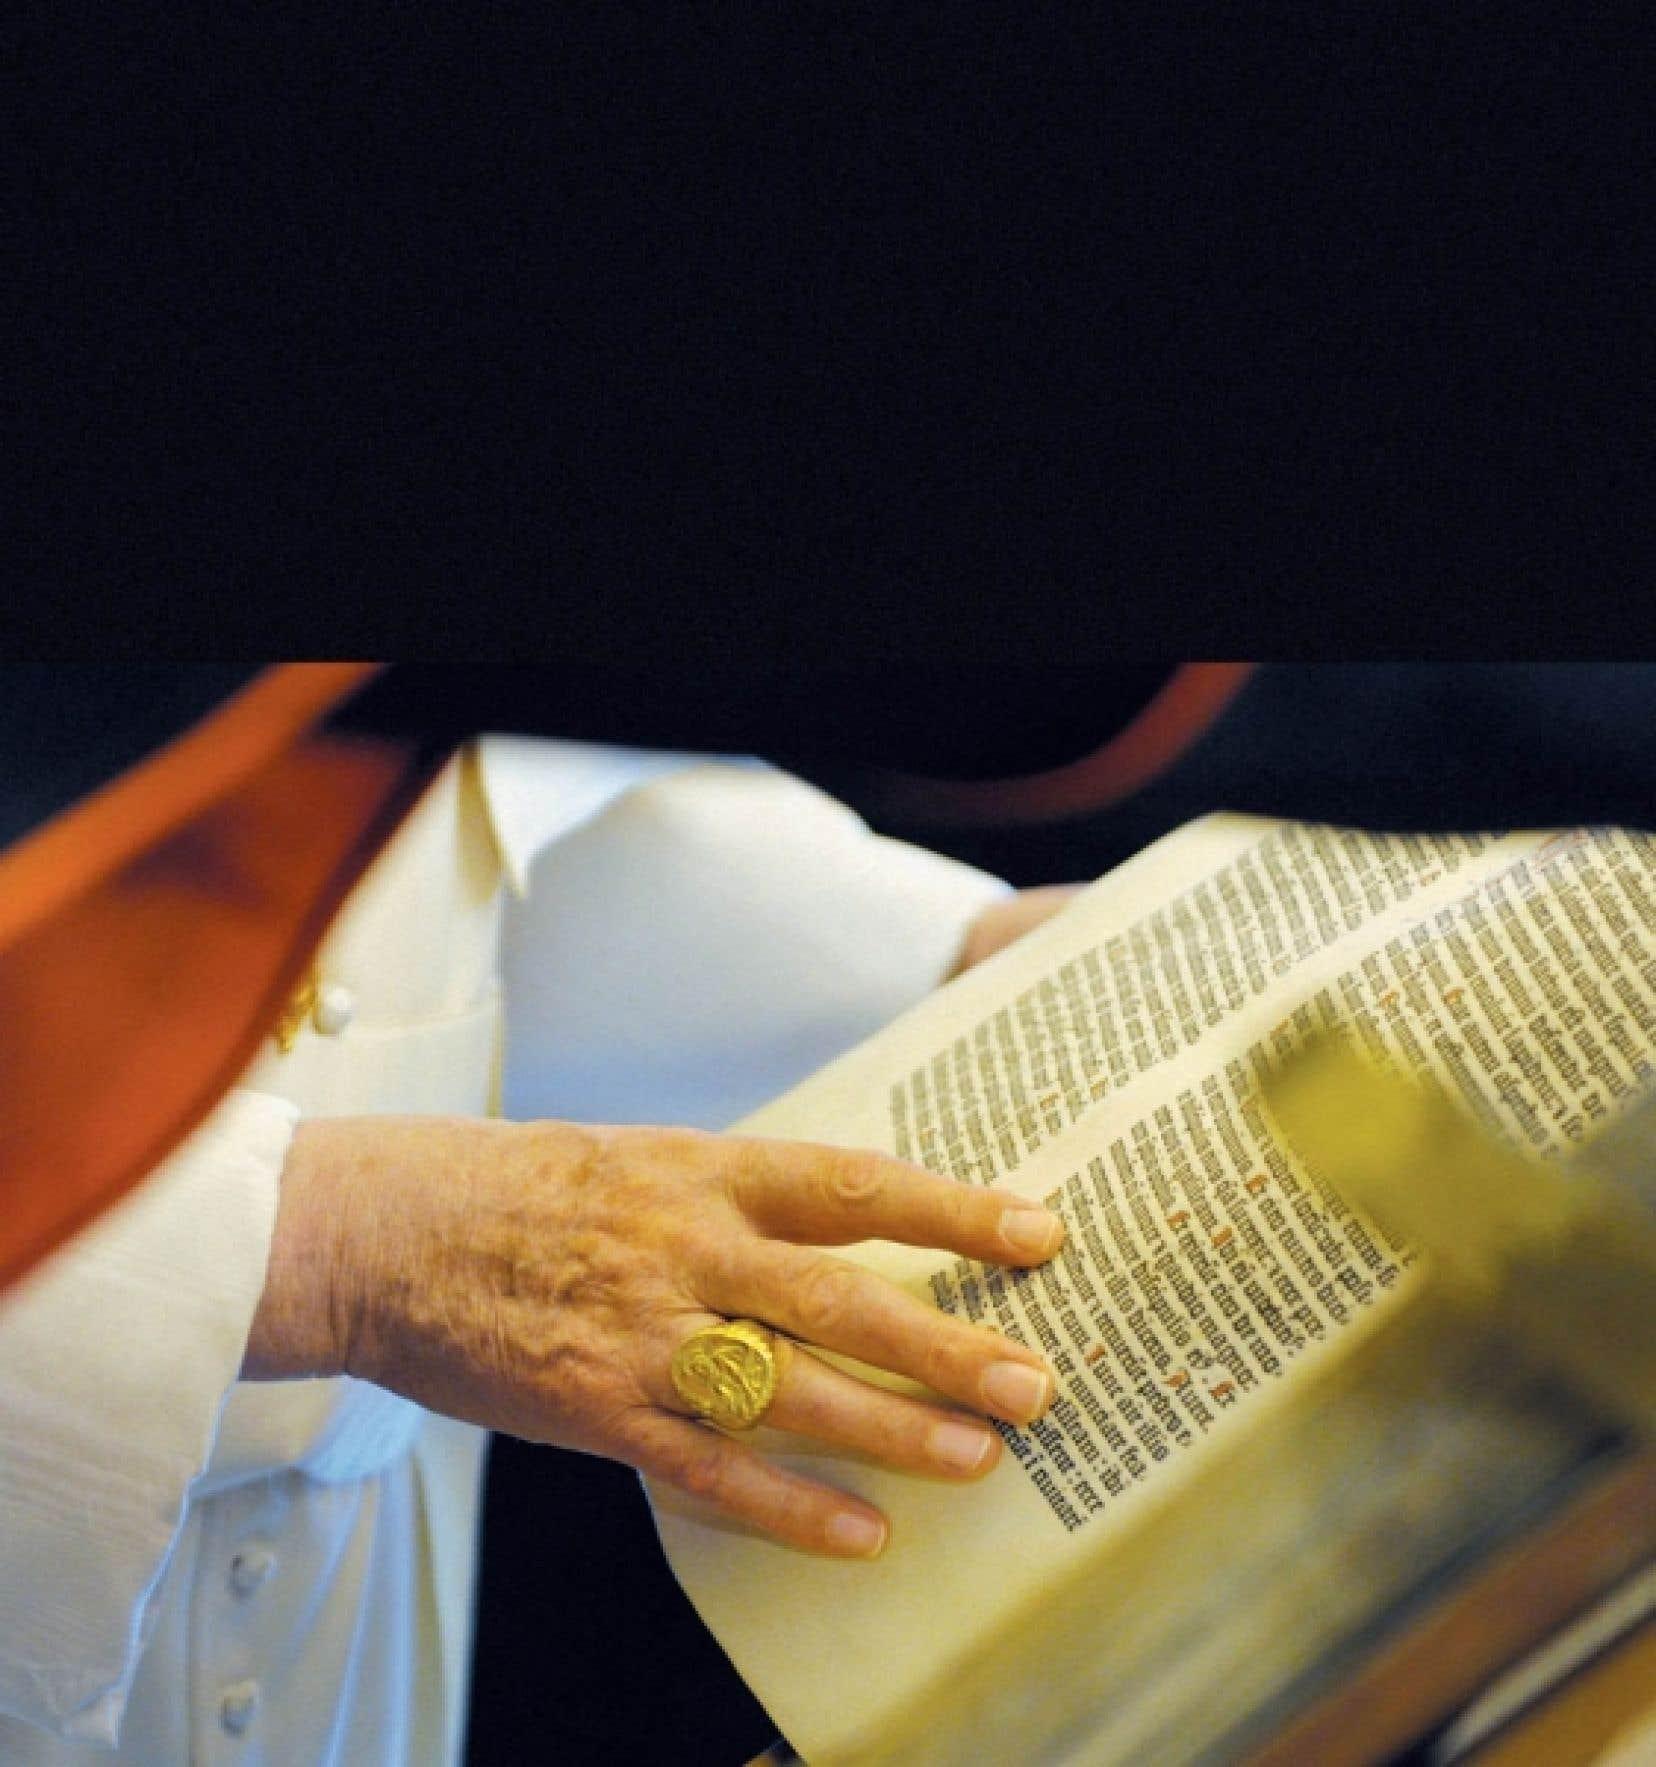 Le pape Benoît XVI feuillette un des innombrables documents de la bibliothèque du Vatican.